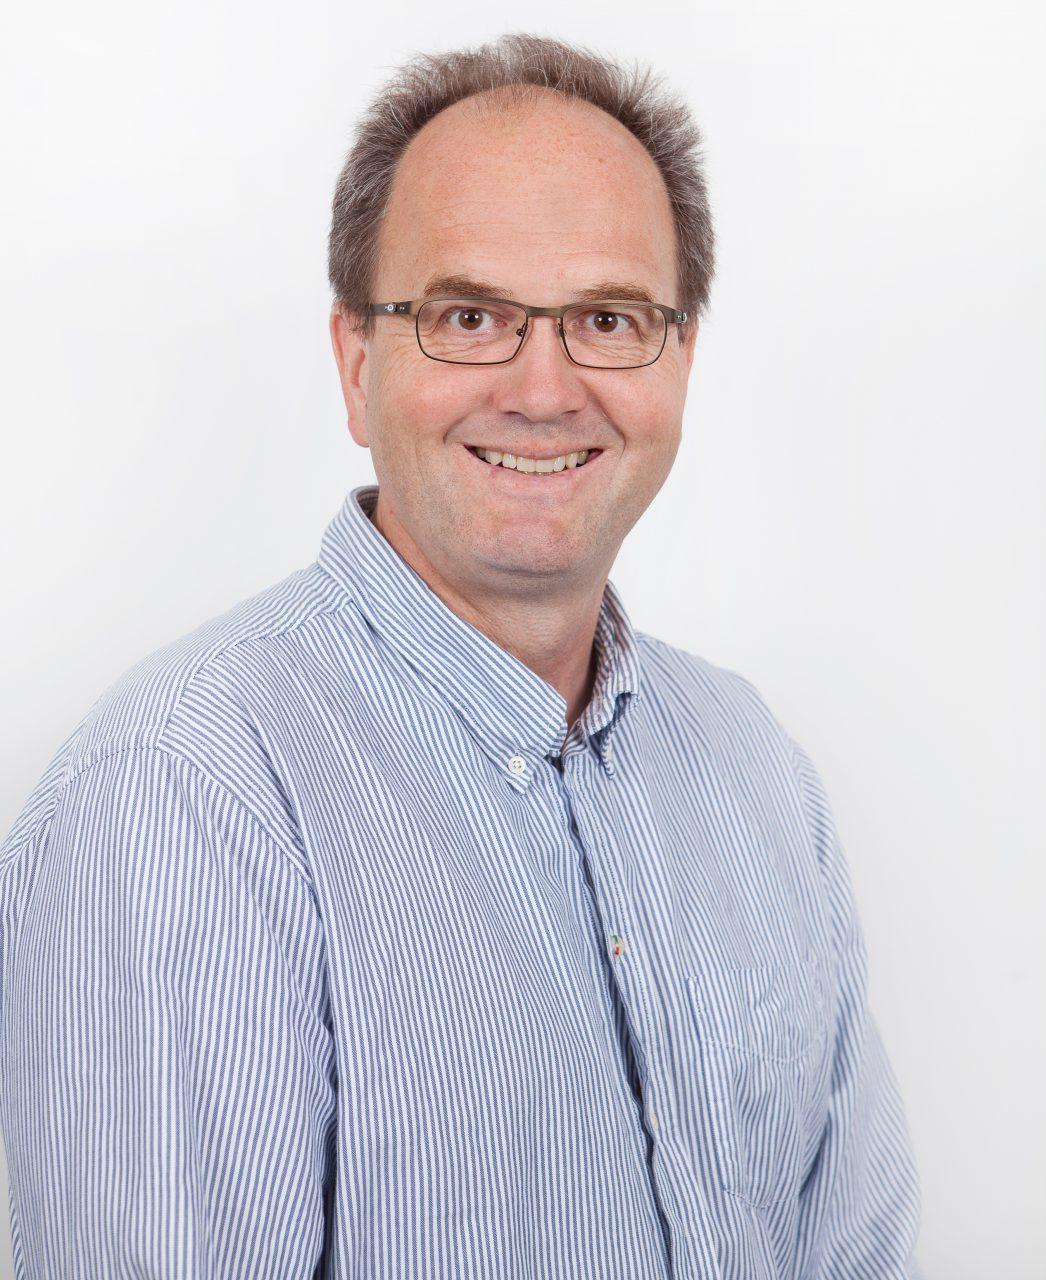 Kjetil Evensen